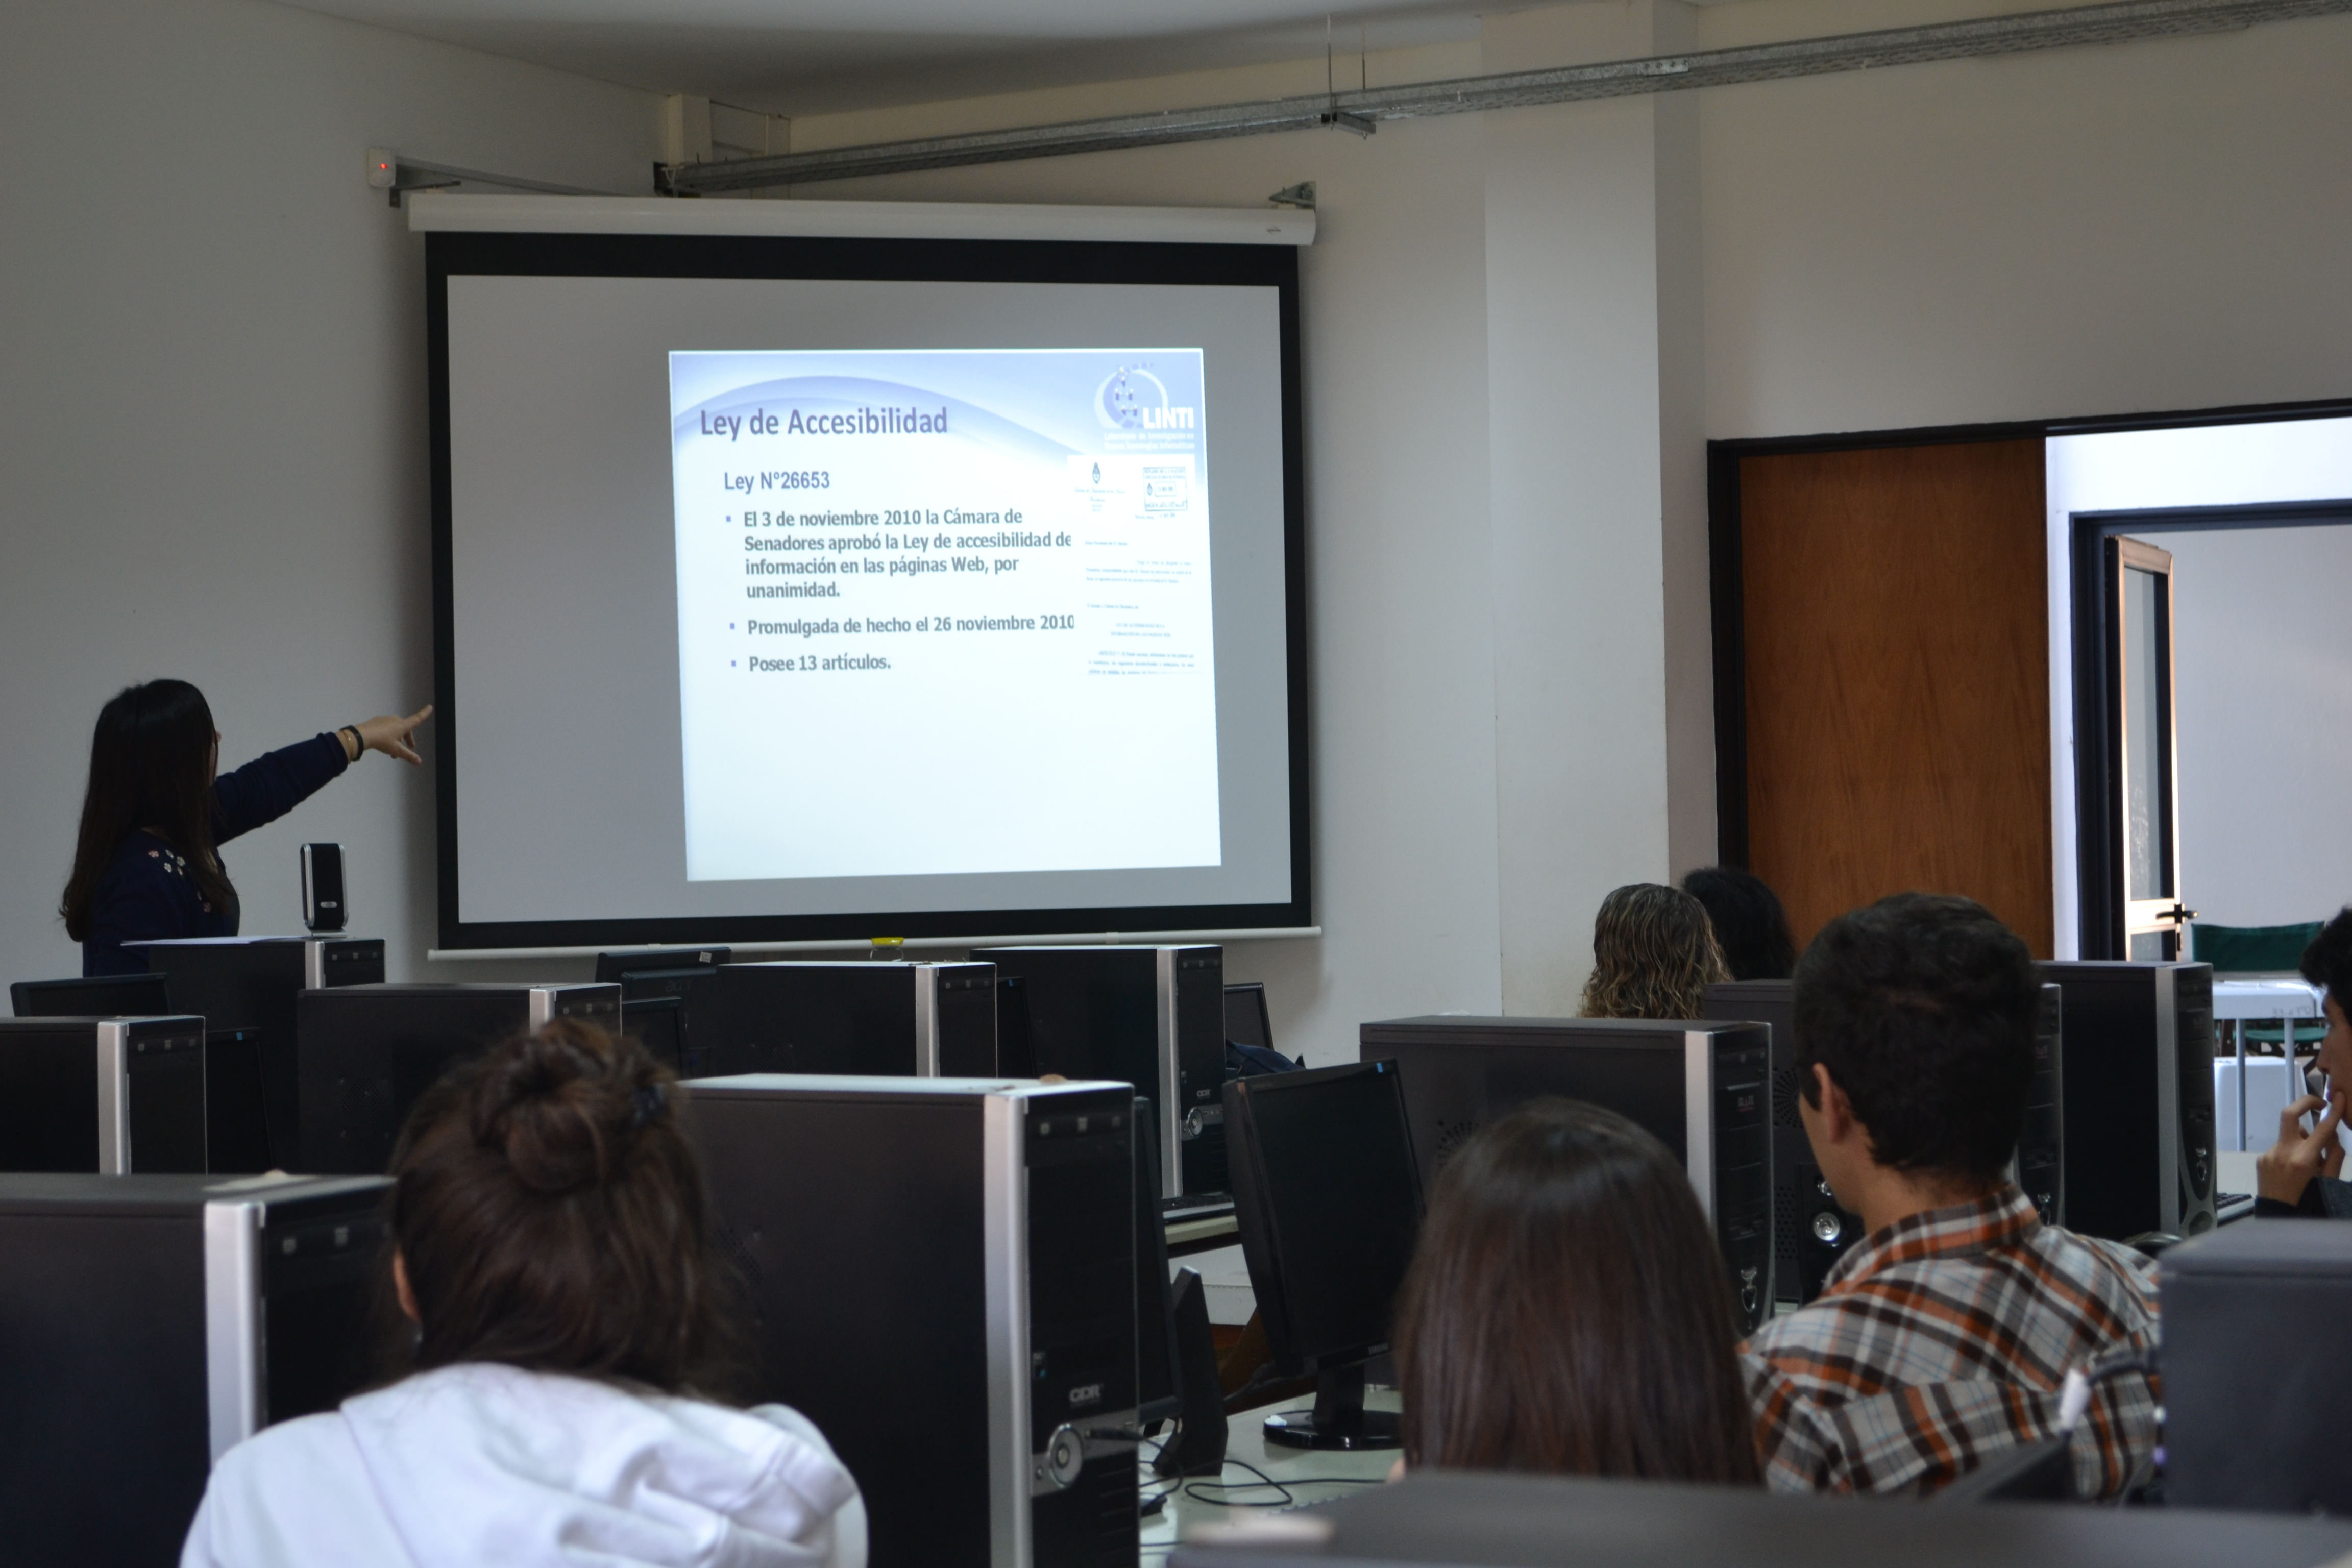 Se realizó una Jornada sobre Accesibilidad Web en la Facultad de Informática